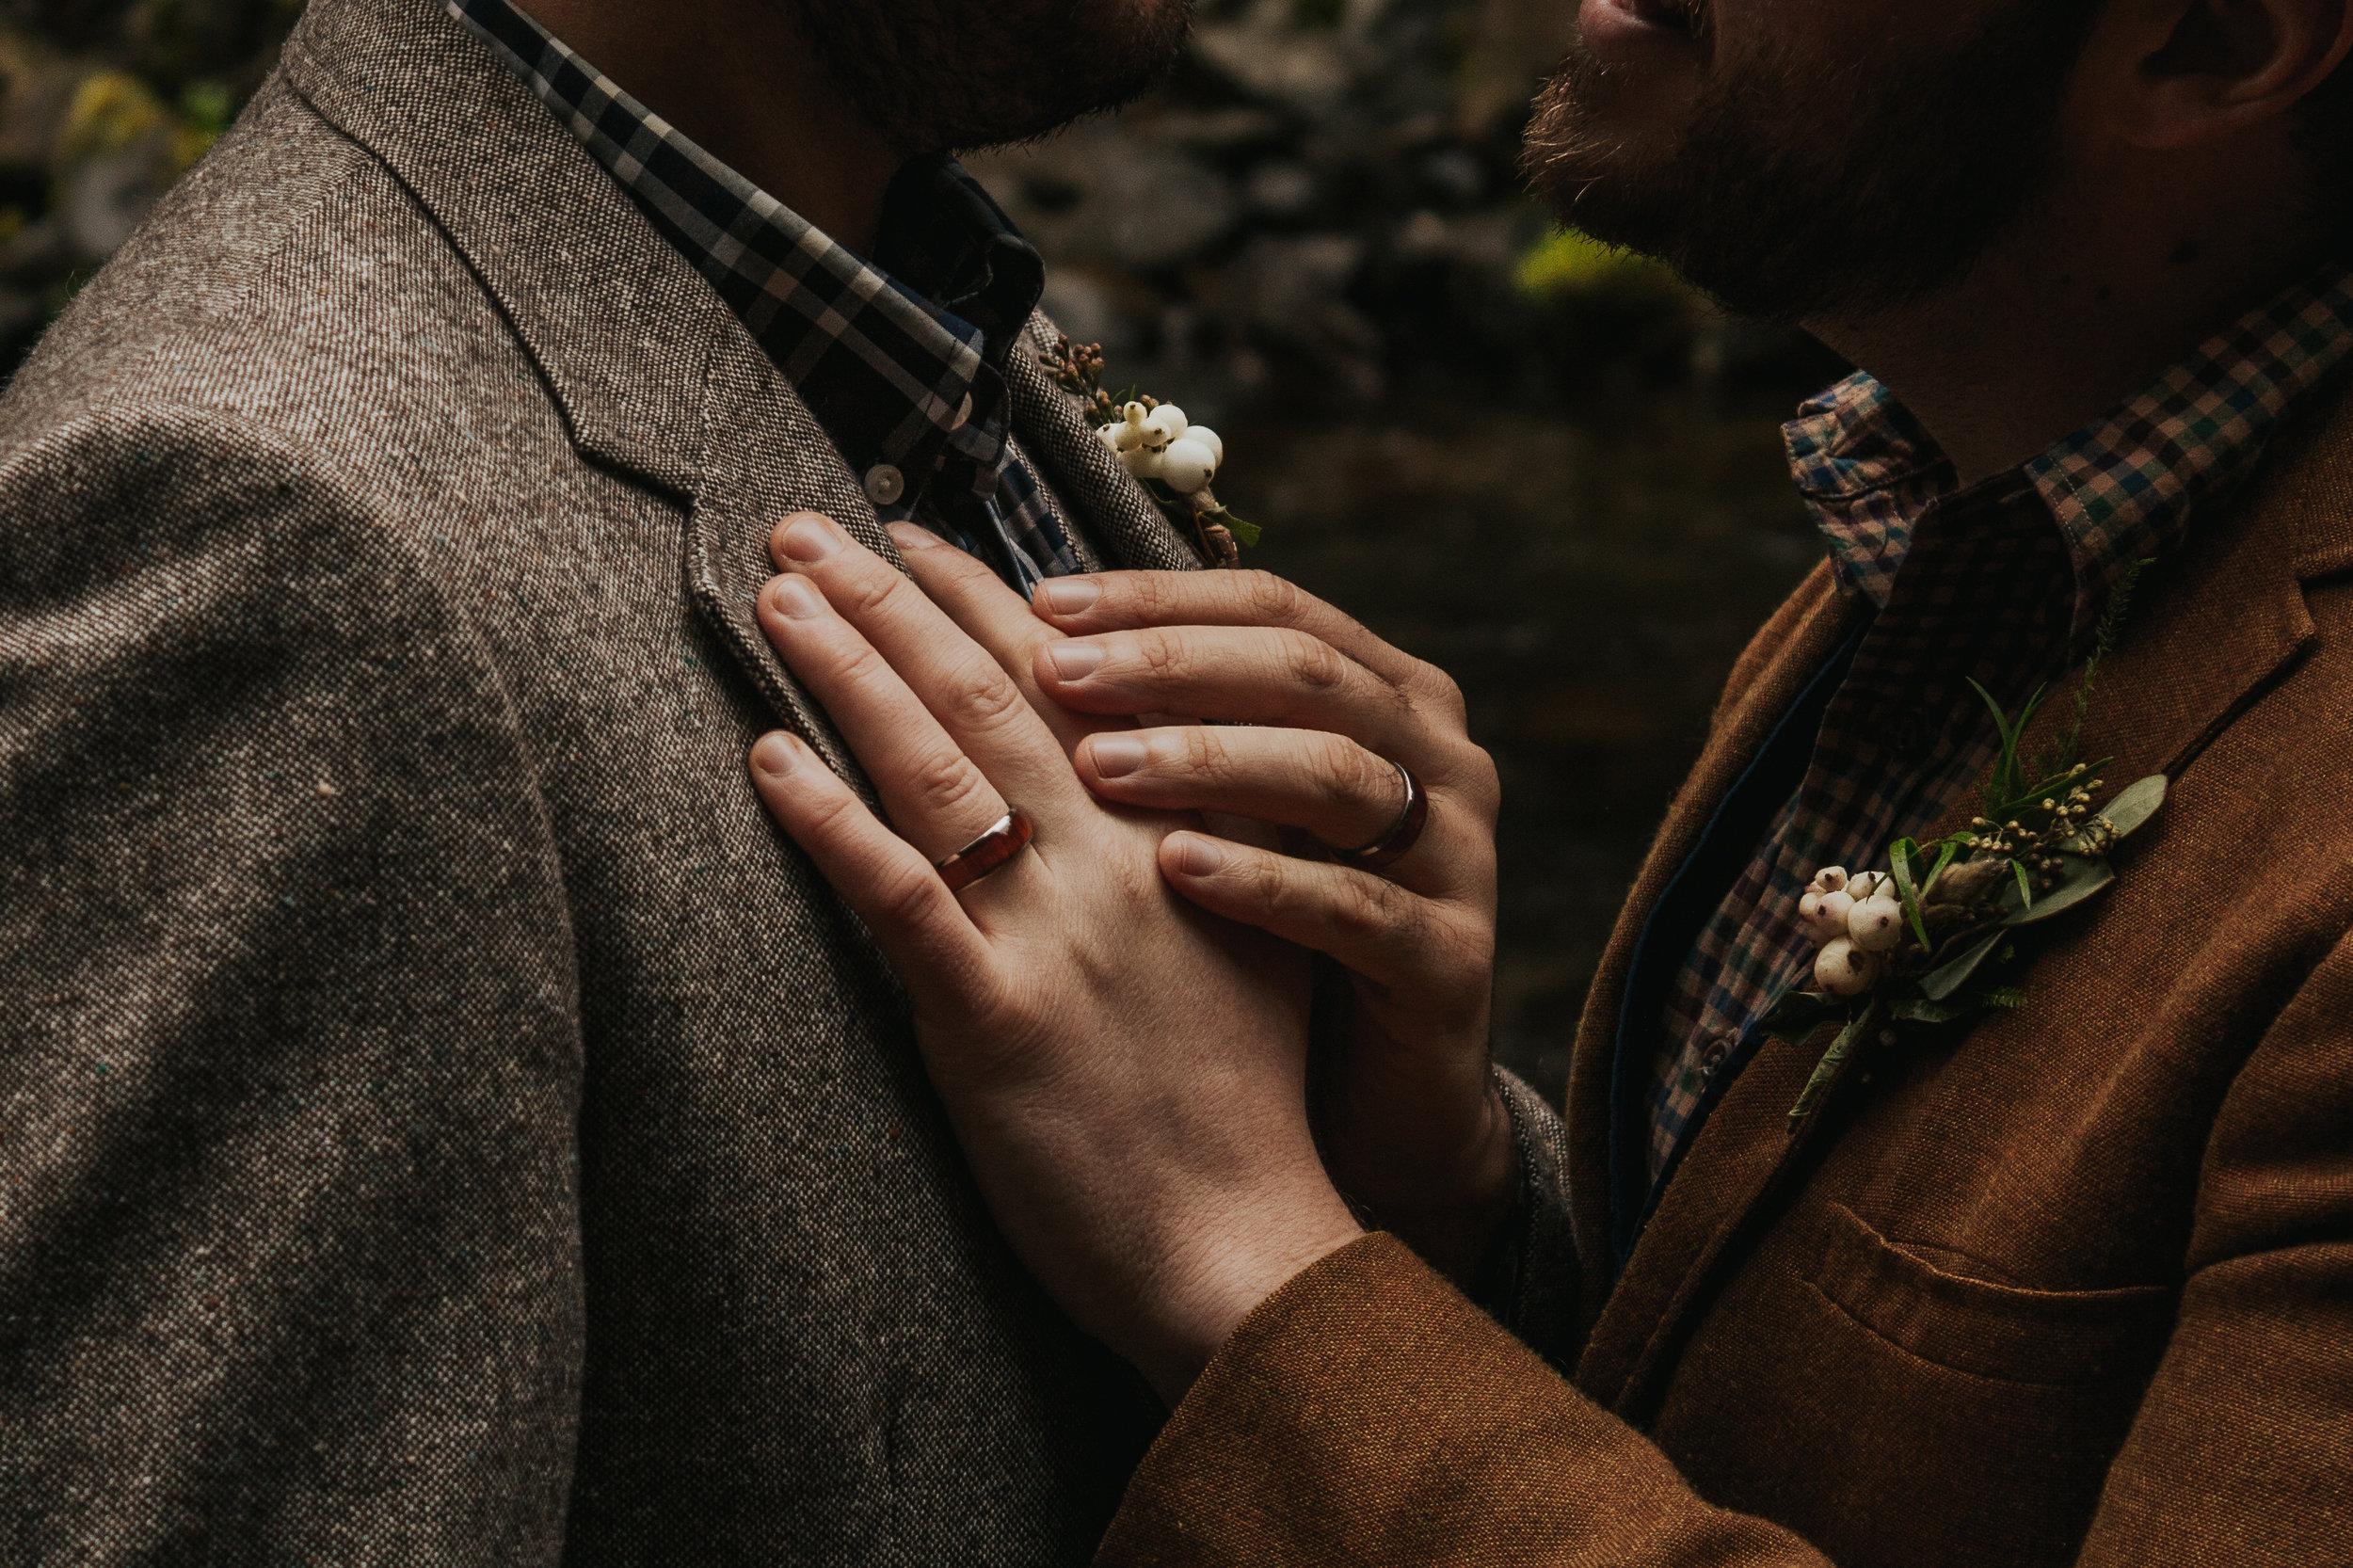 Oregon Forest Elopement Same Sex Wedding Bands